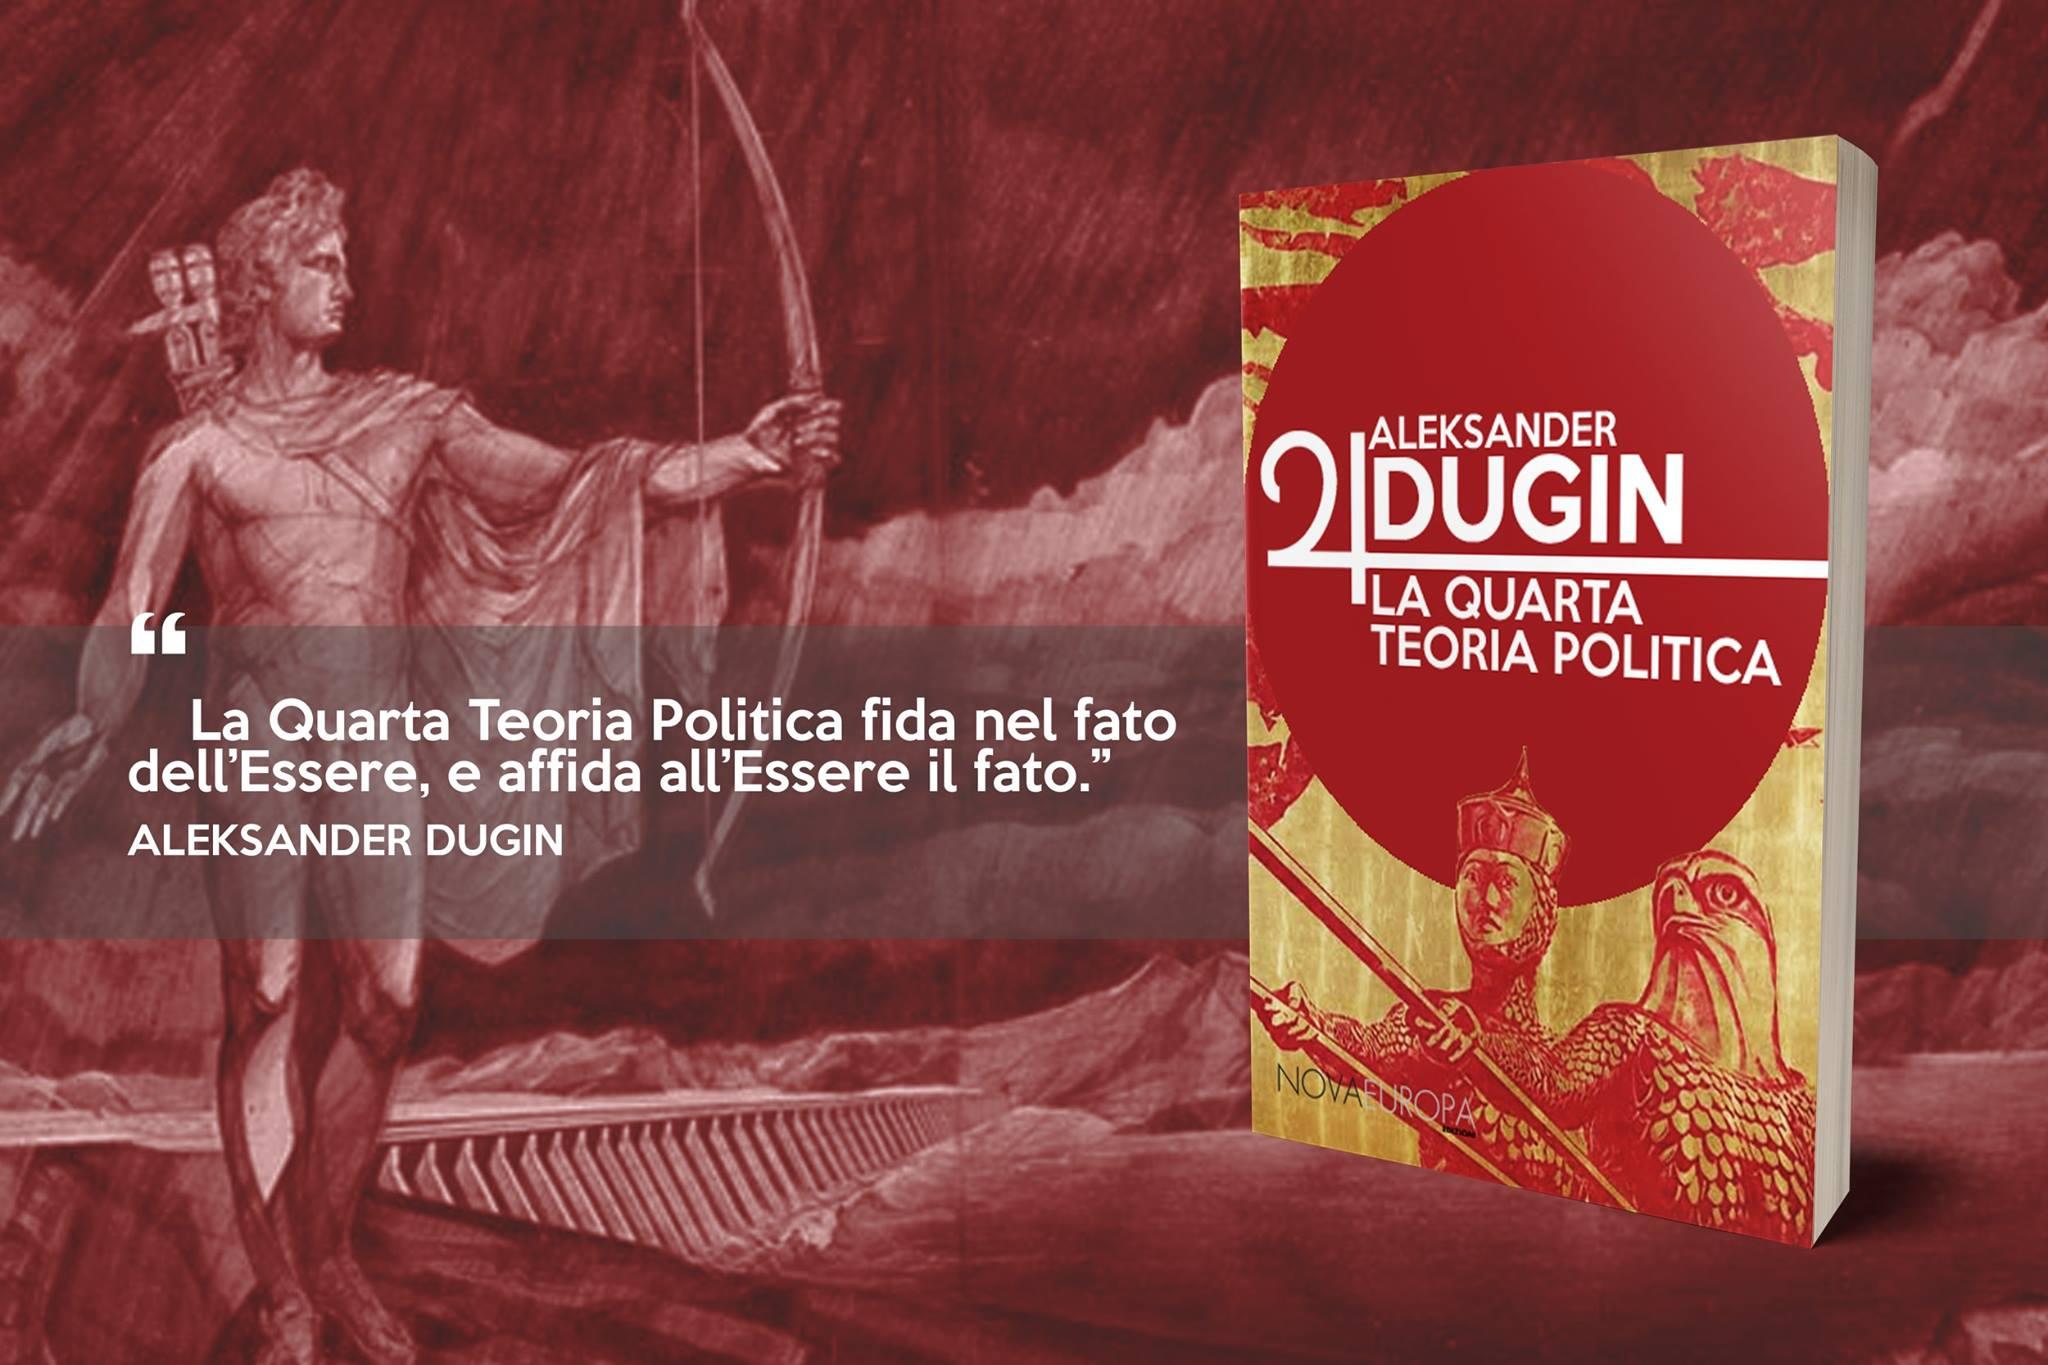 In limine della consunzione liberale: la quarta teoria politica di Aleksandr Dugin – Eduardo Zarelli